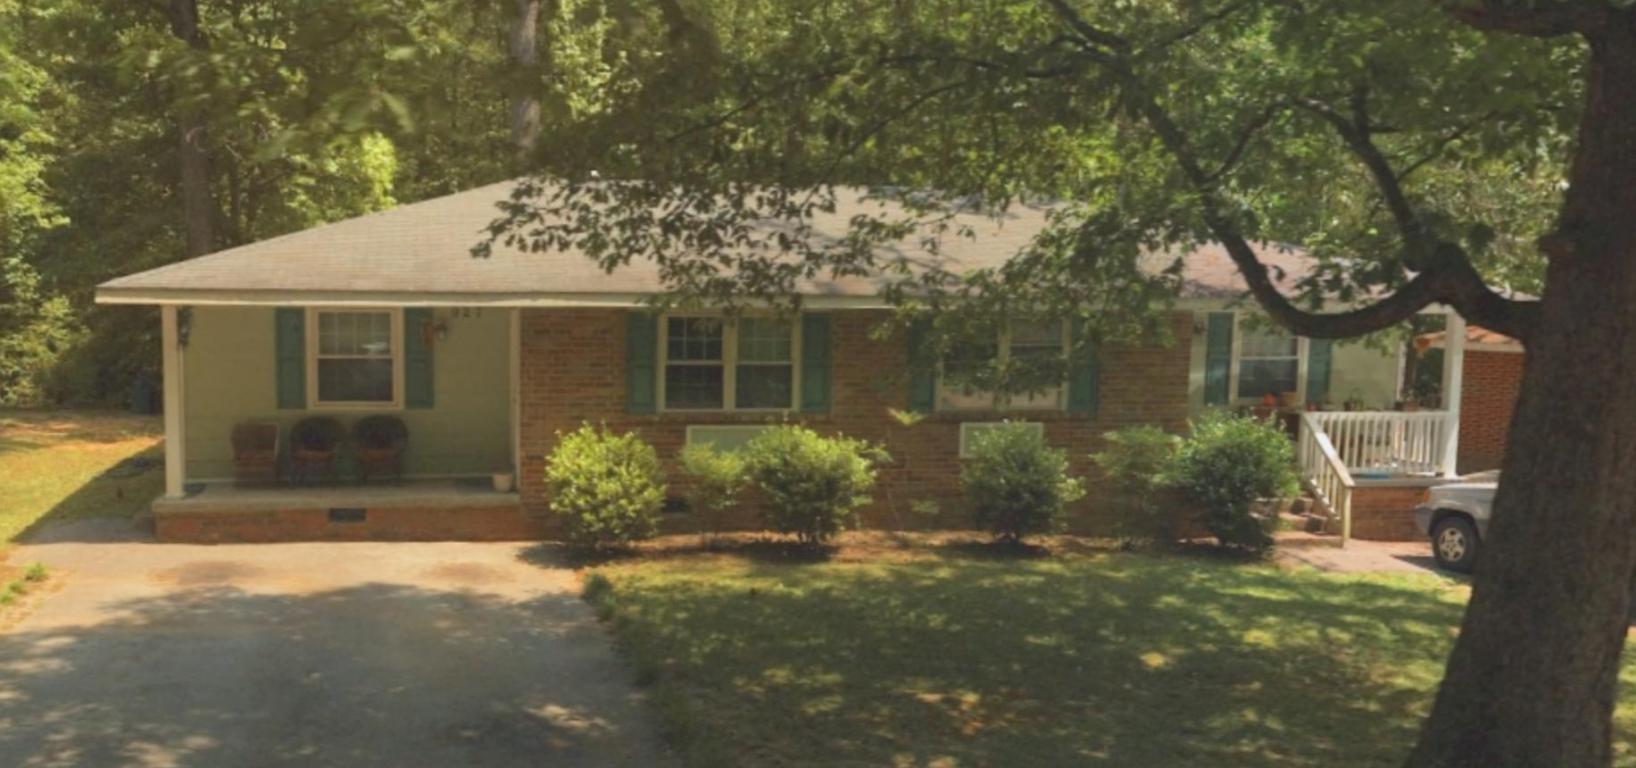 927 Ely Rd, Hixson, TN 37343